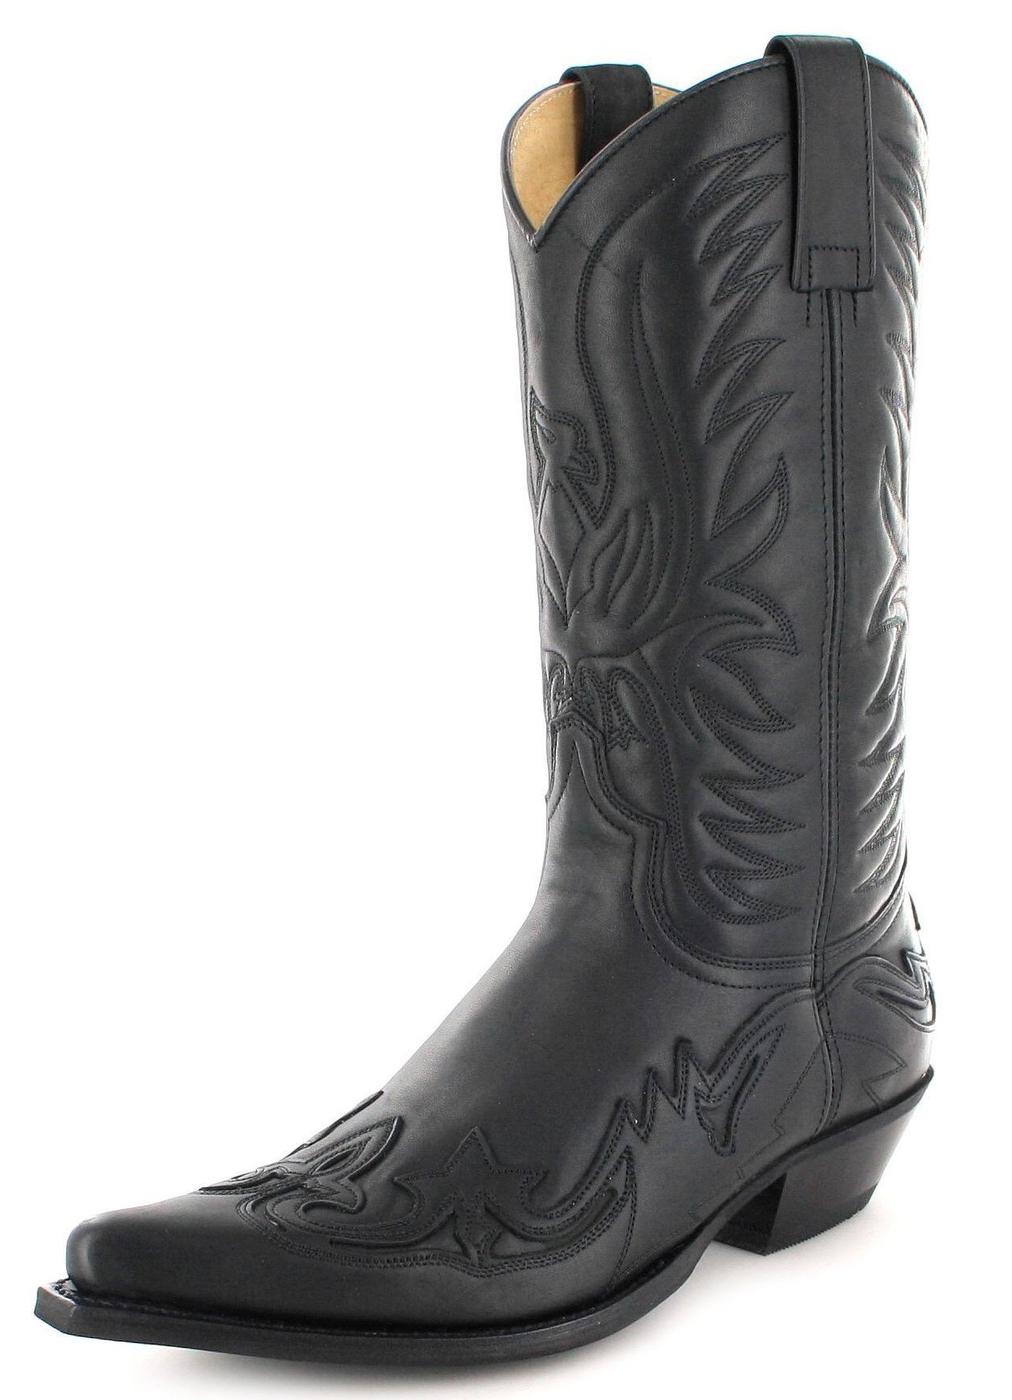 FB Fashion Boots BU1005 Negro Westernstiefel - schwarz